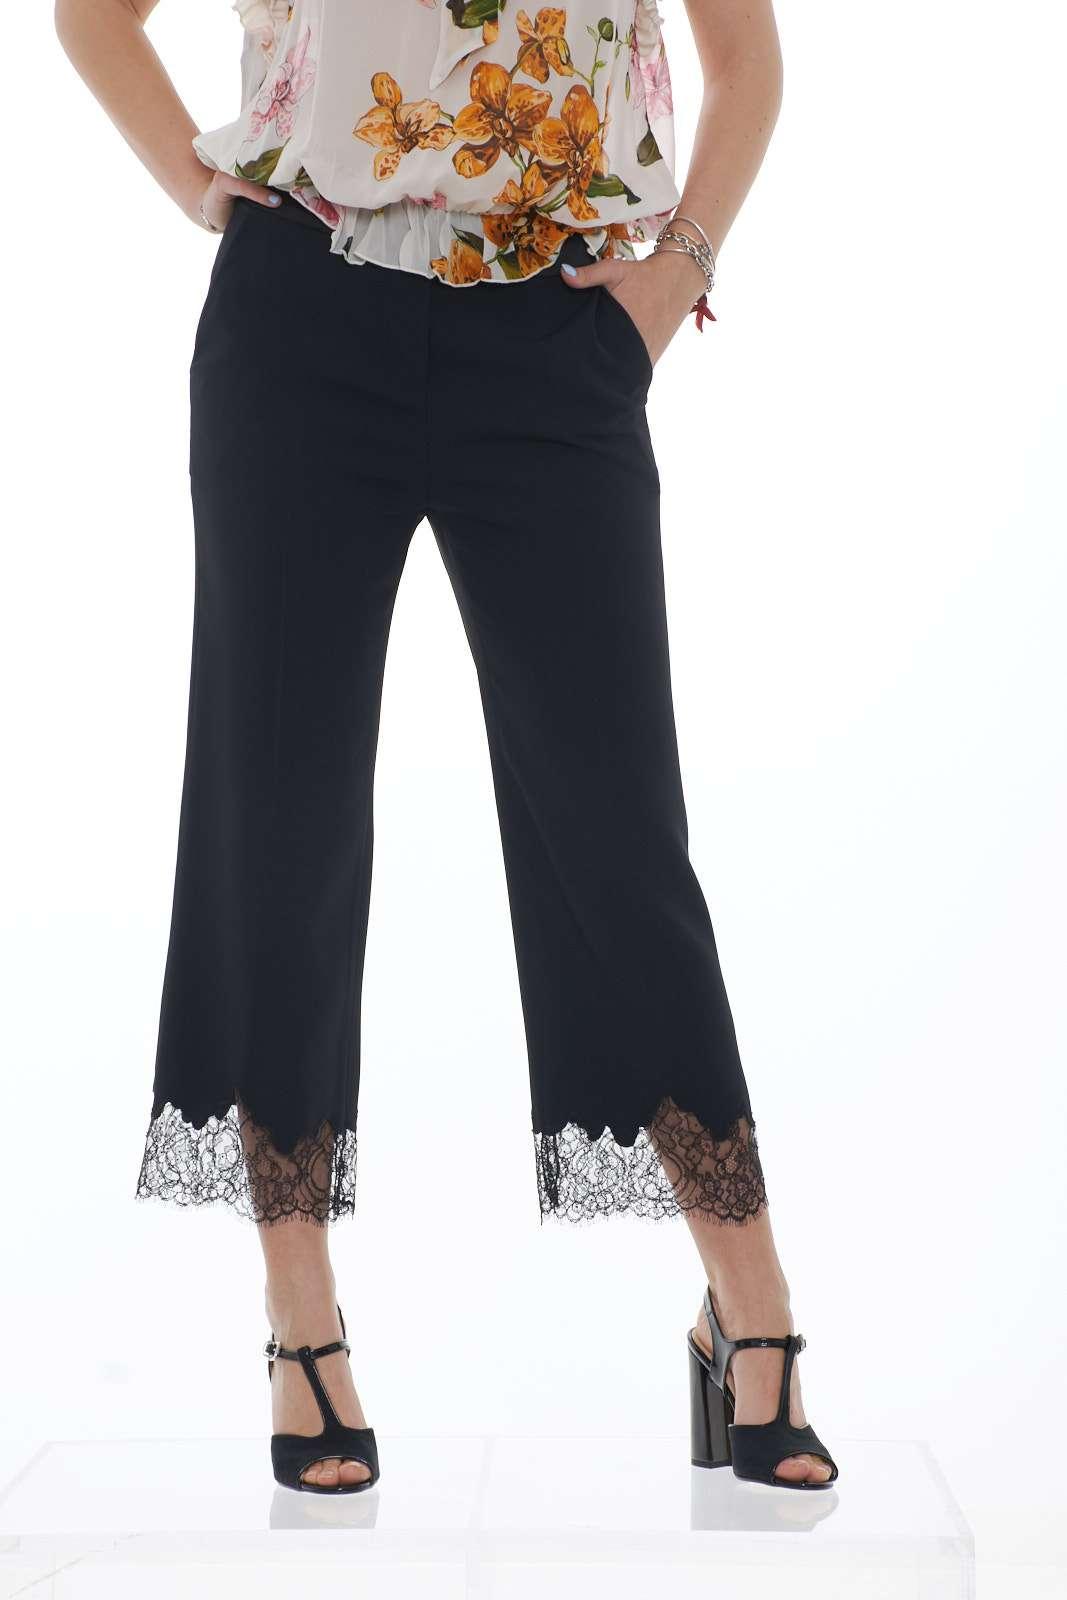 Un pantalone elegante e raffinato, per occasioni formali e speciali, firmato Marta Studio. Il fondo in pizzo regala femminilità, ad un capo da indossare con una blusa o una camicia per outfit impeccabili e ricercati. La modella è alta 1.78m e indossa la taglia 42.